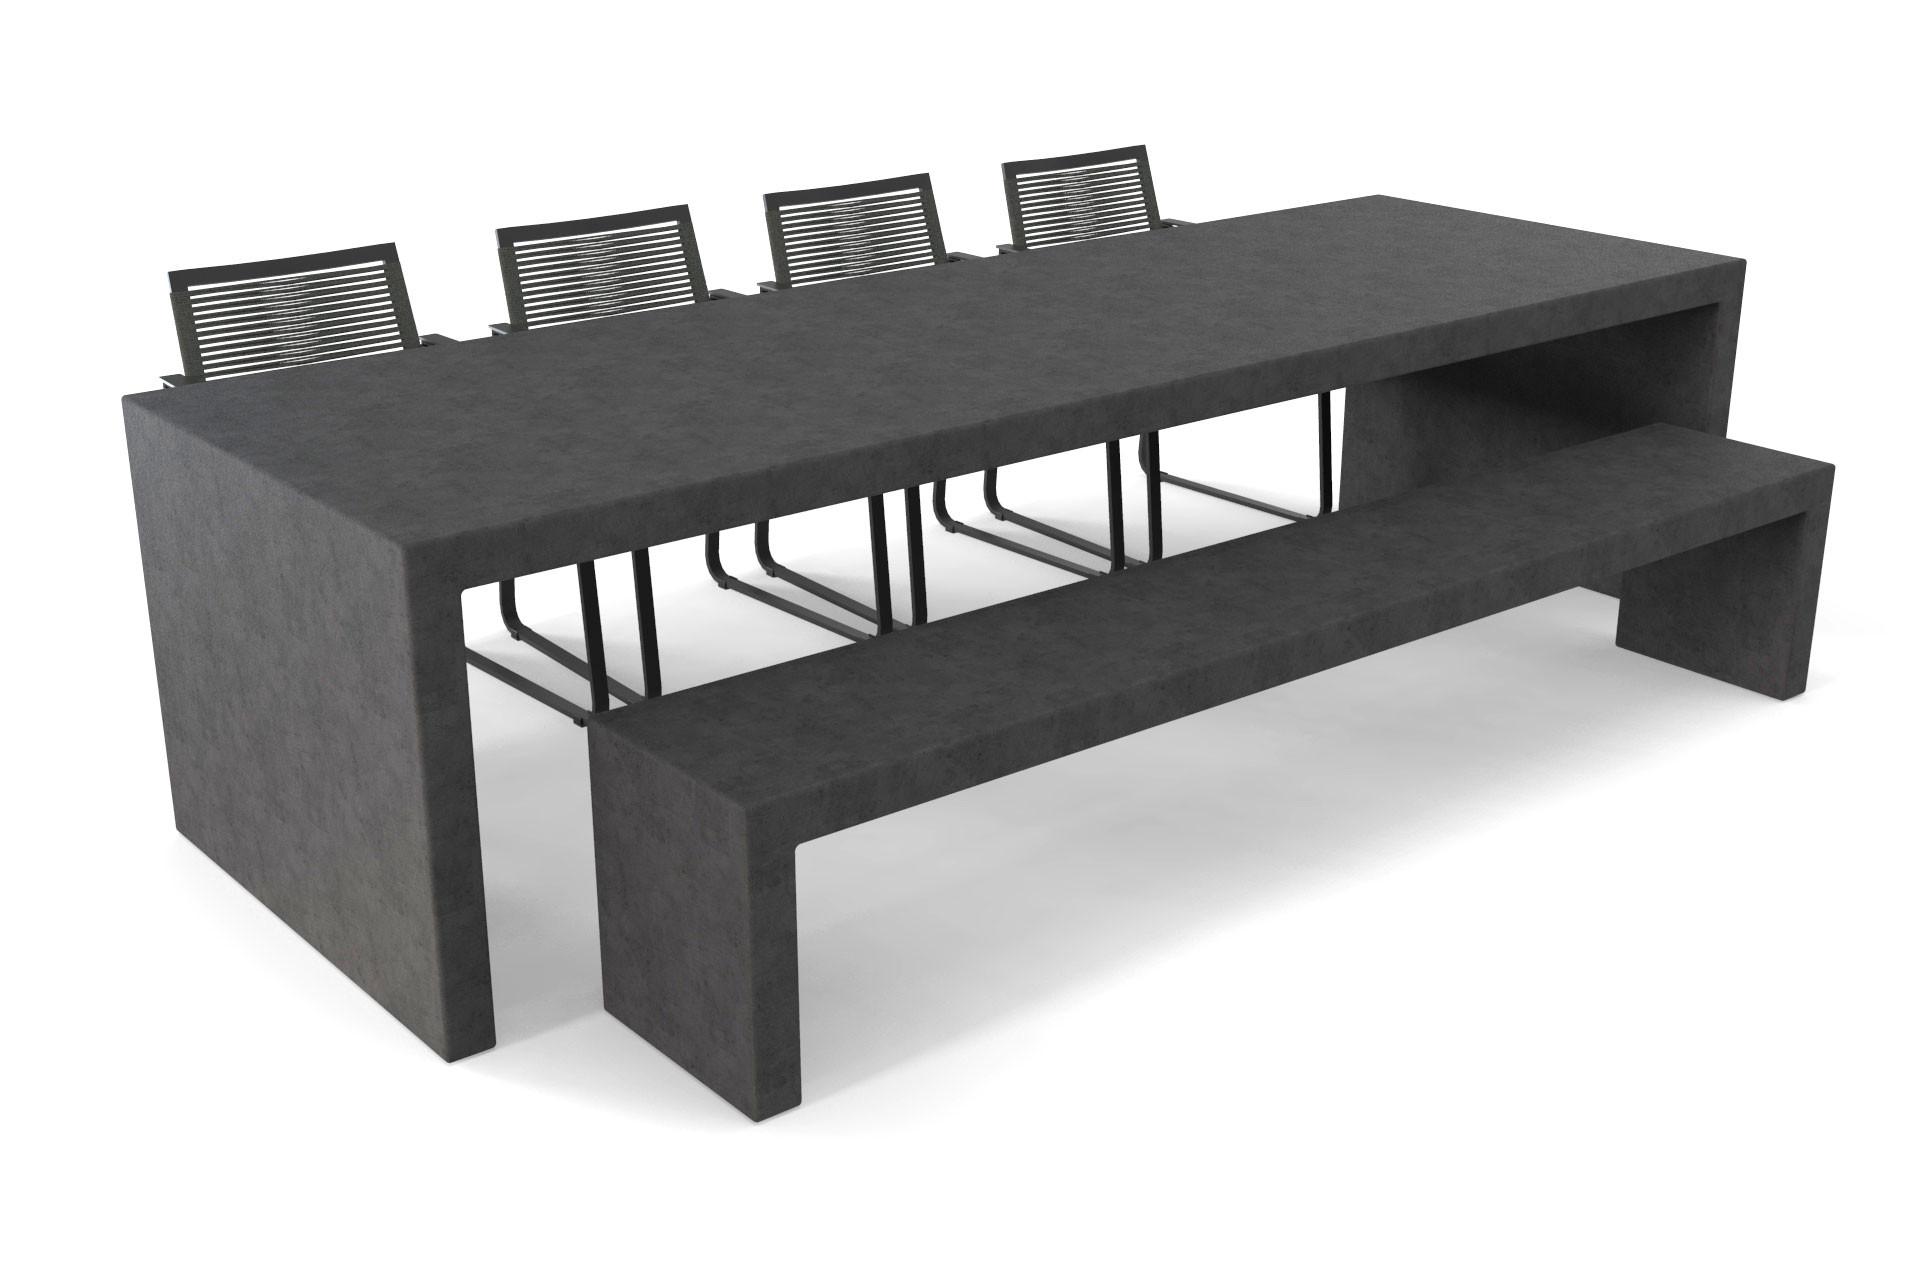 Antracieten betonlook tafel Lars met bank en stoelen